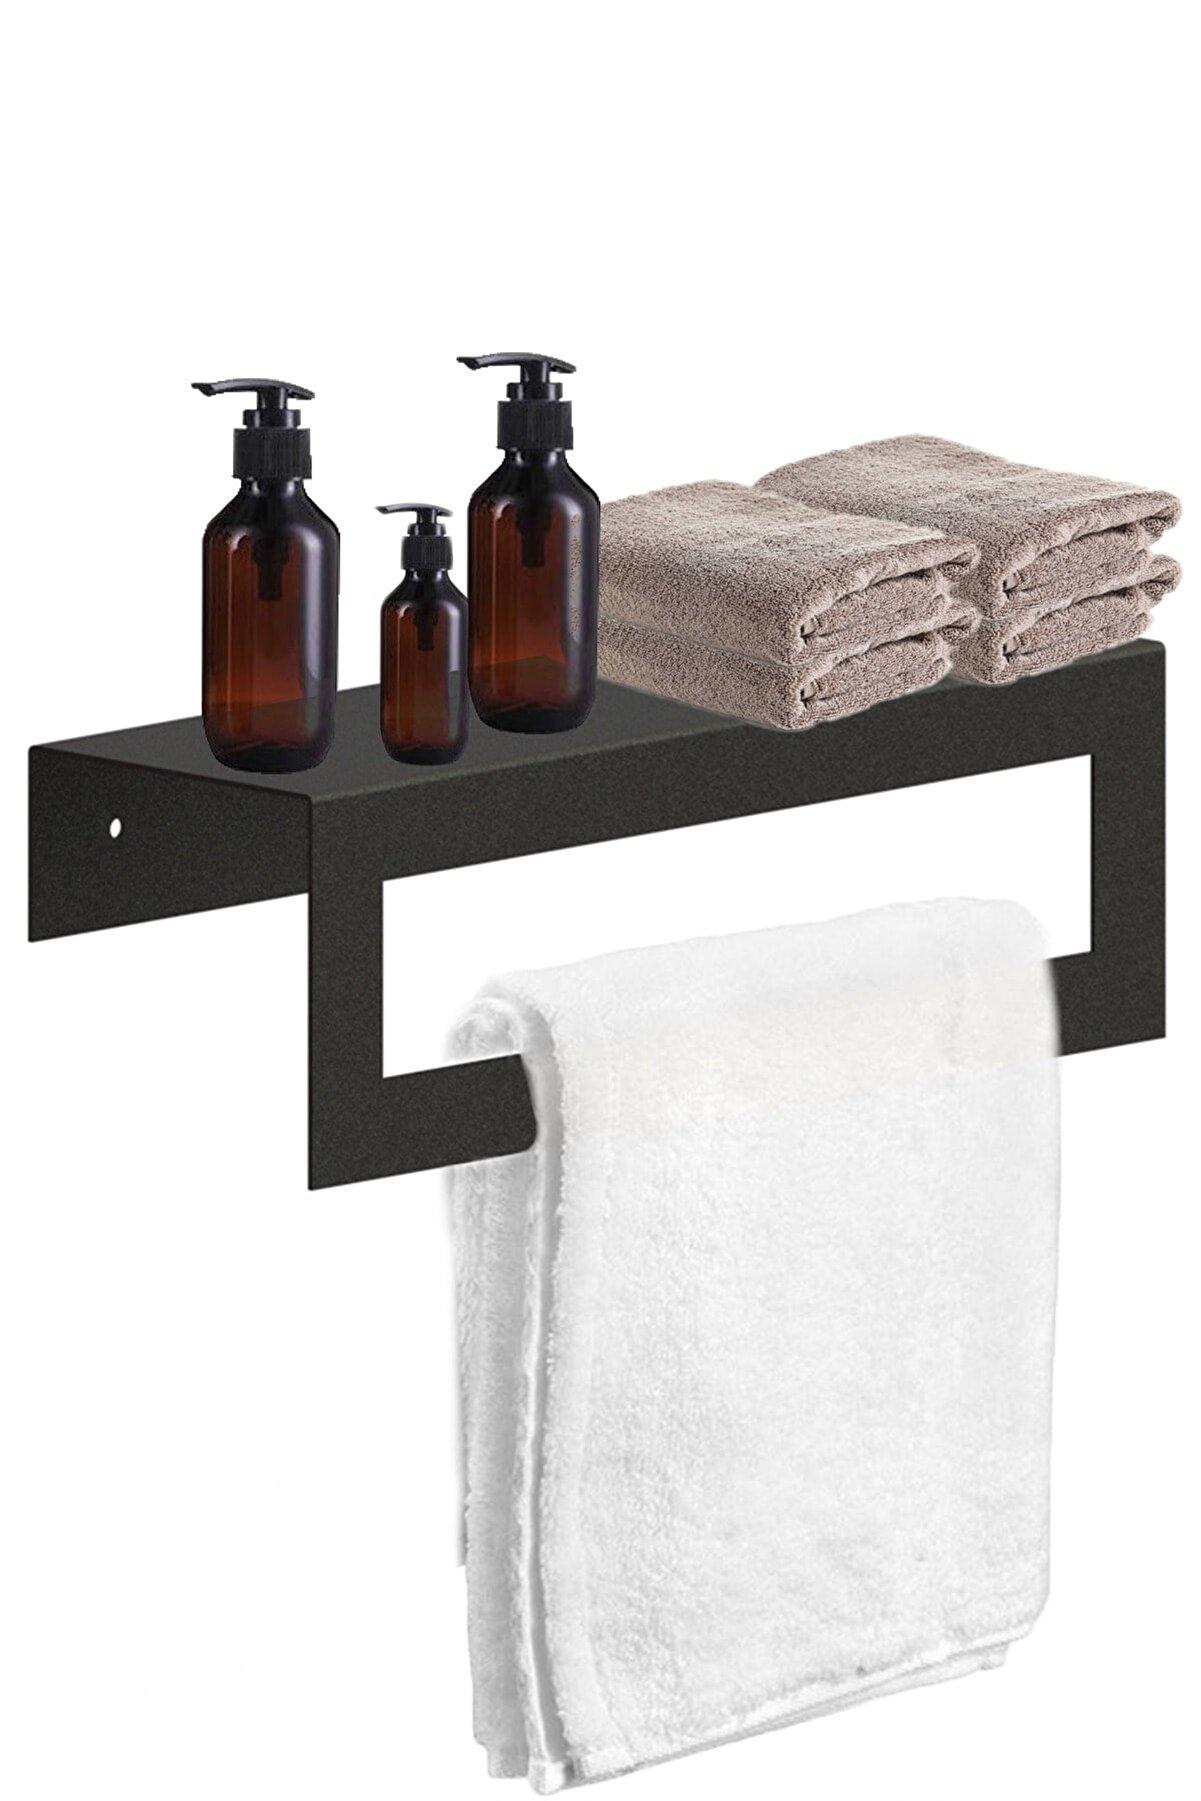 thorqtech Banyo Havlu Askısı | Raflı Havluluk Ve Askı | Otel Banyo Askısı | Raflı Havluluk 30cm